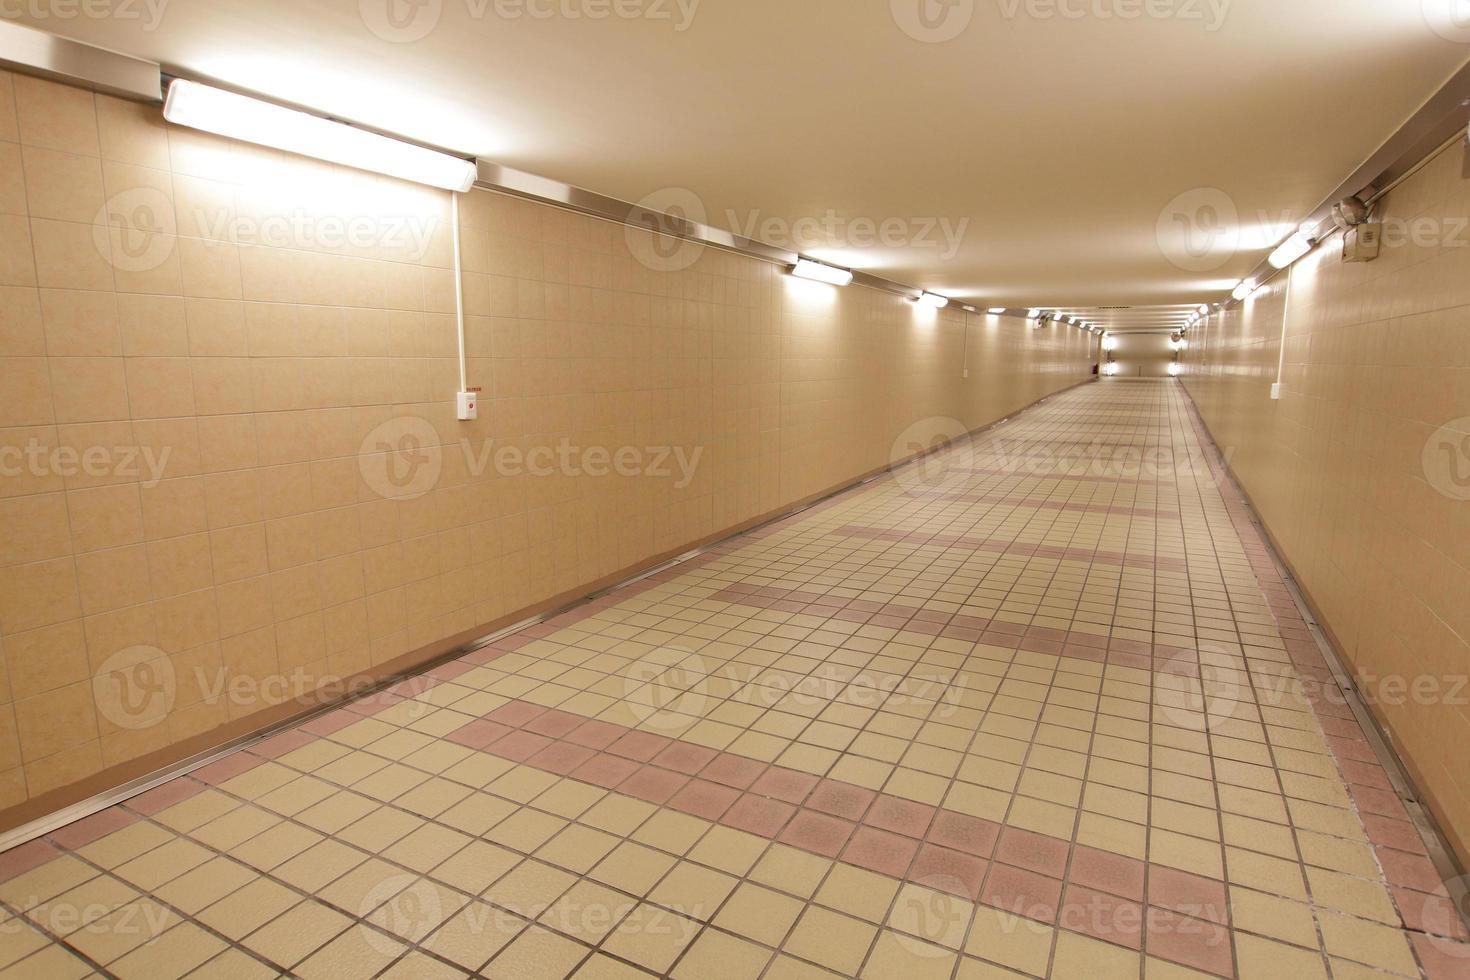 Untergrundpassage foto